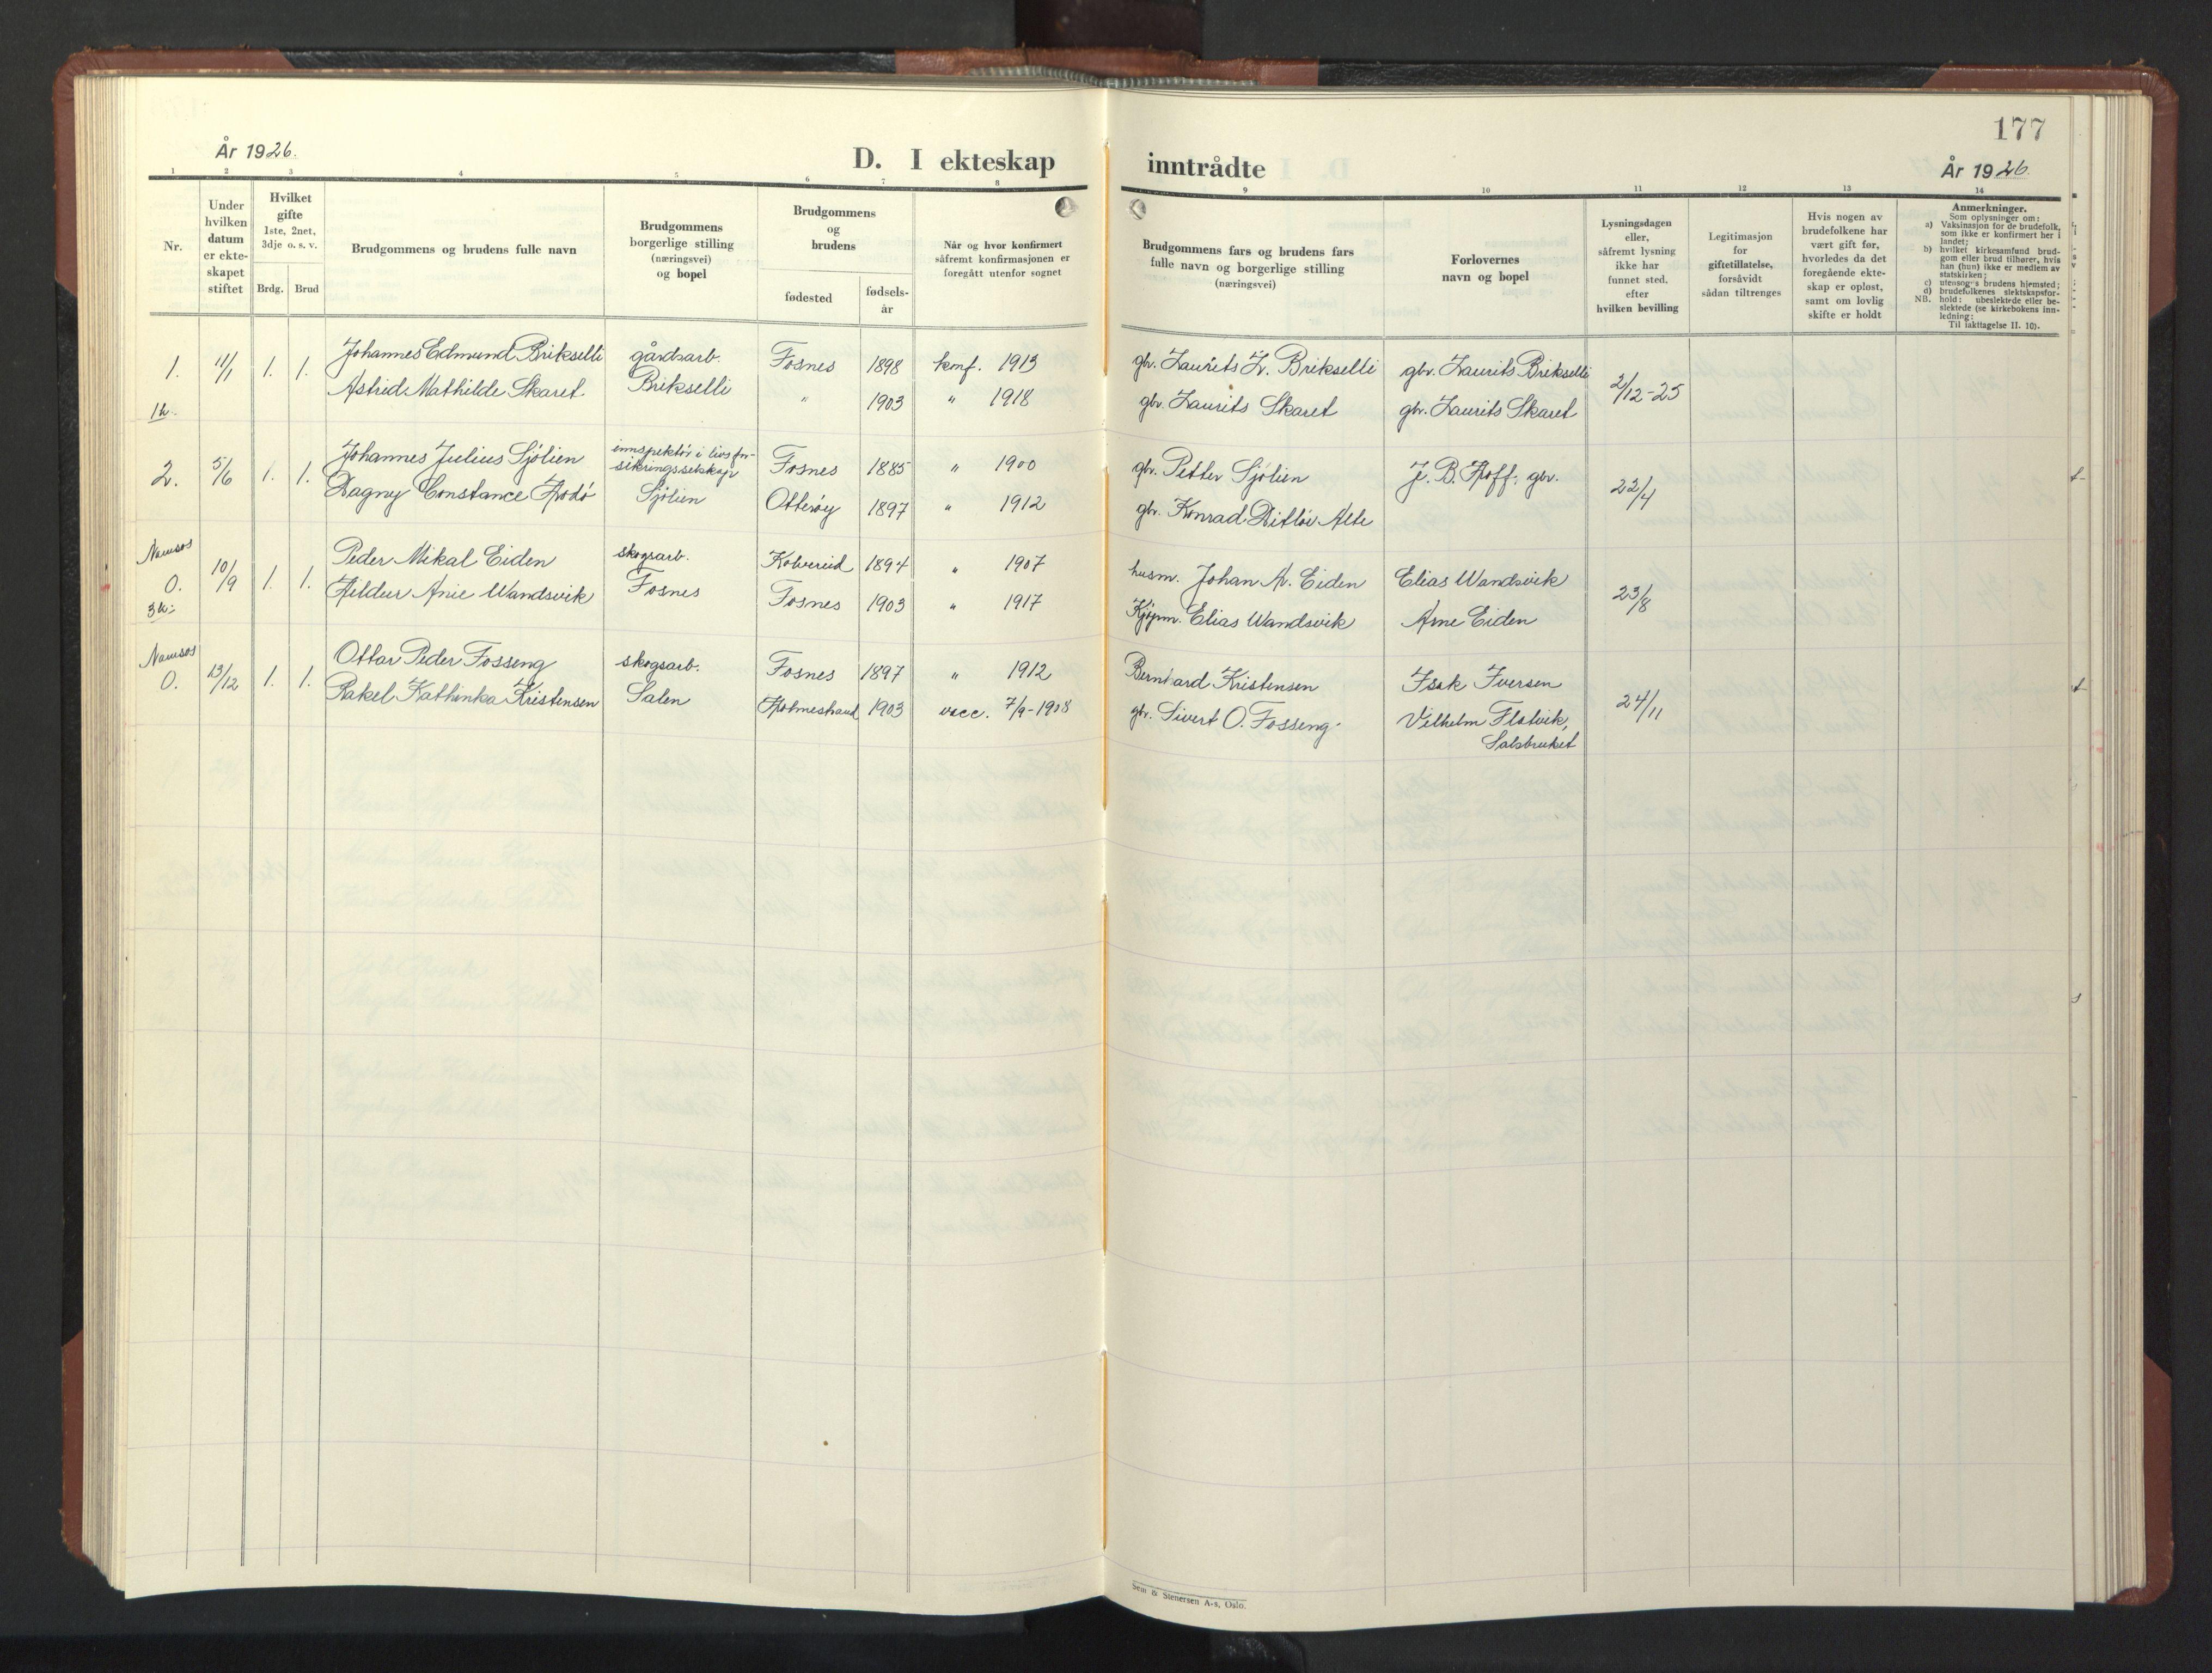 SAT, Ministerialprotokoller, klokkerbøker og fødselsregistre - Nord-Trøndelag, 773/L0625: Klokkerbok nr. 773C01, 1910-1952, s. 177